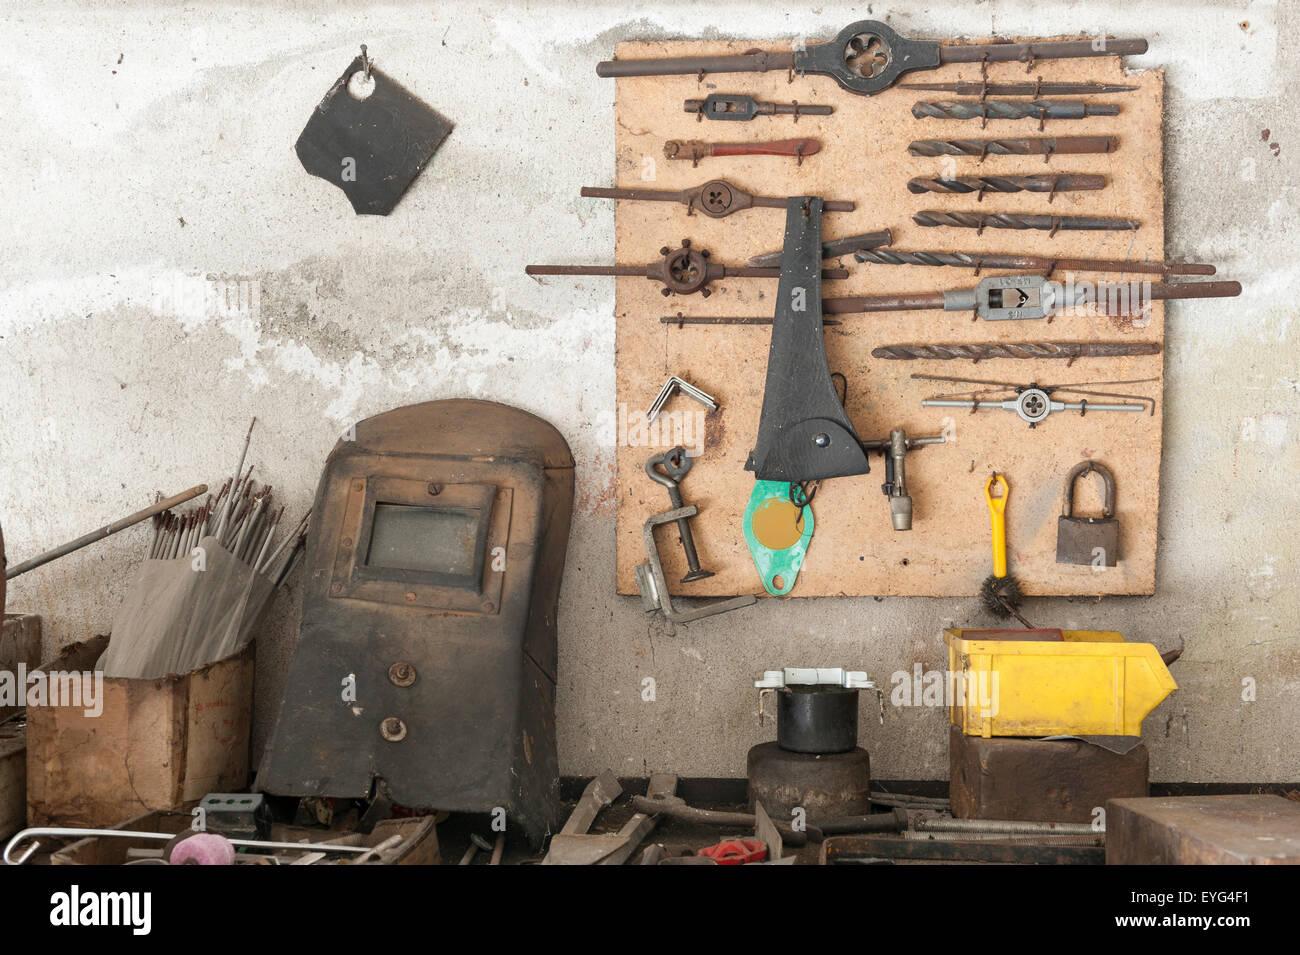 Tavoli Da Lavoro Vecchi : Vecchio banco da lavoro con i vecchi strumenti di lavoro appeso alla